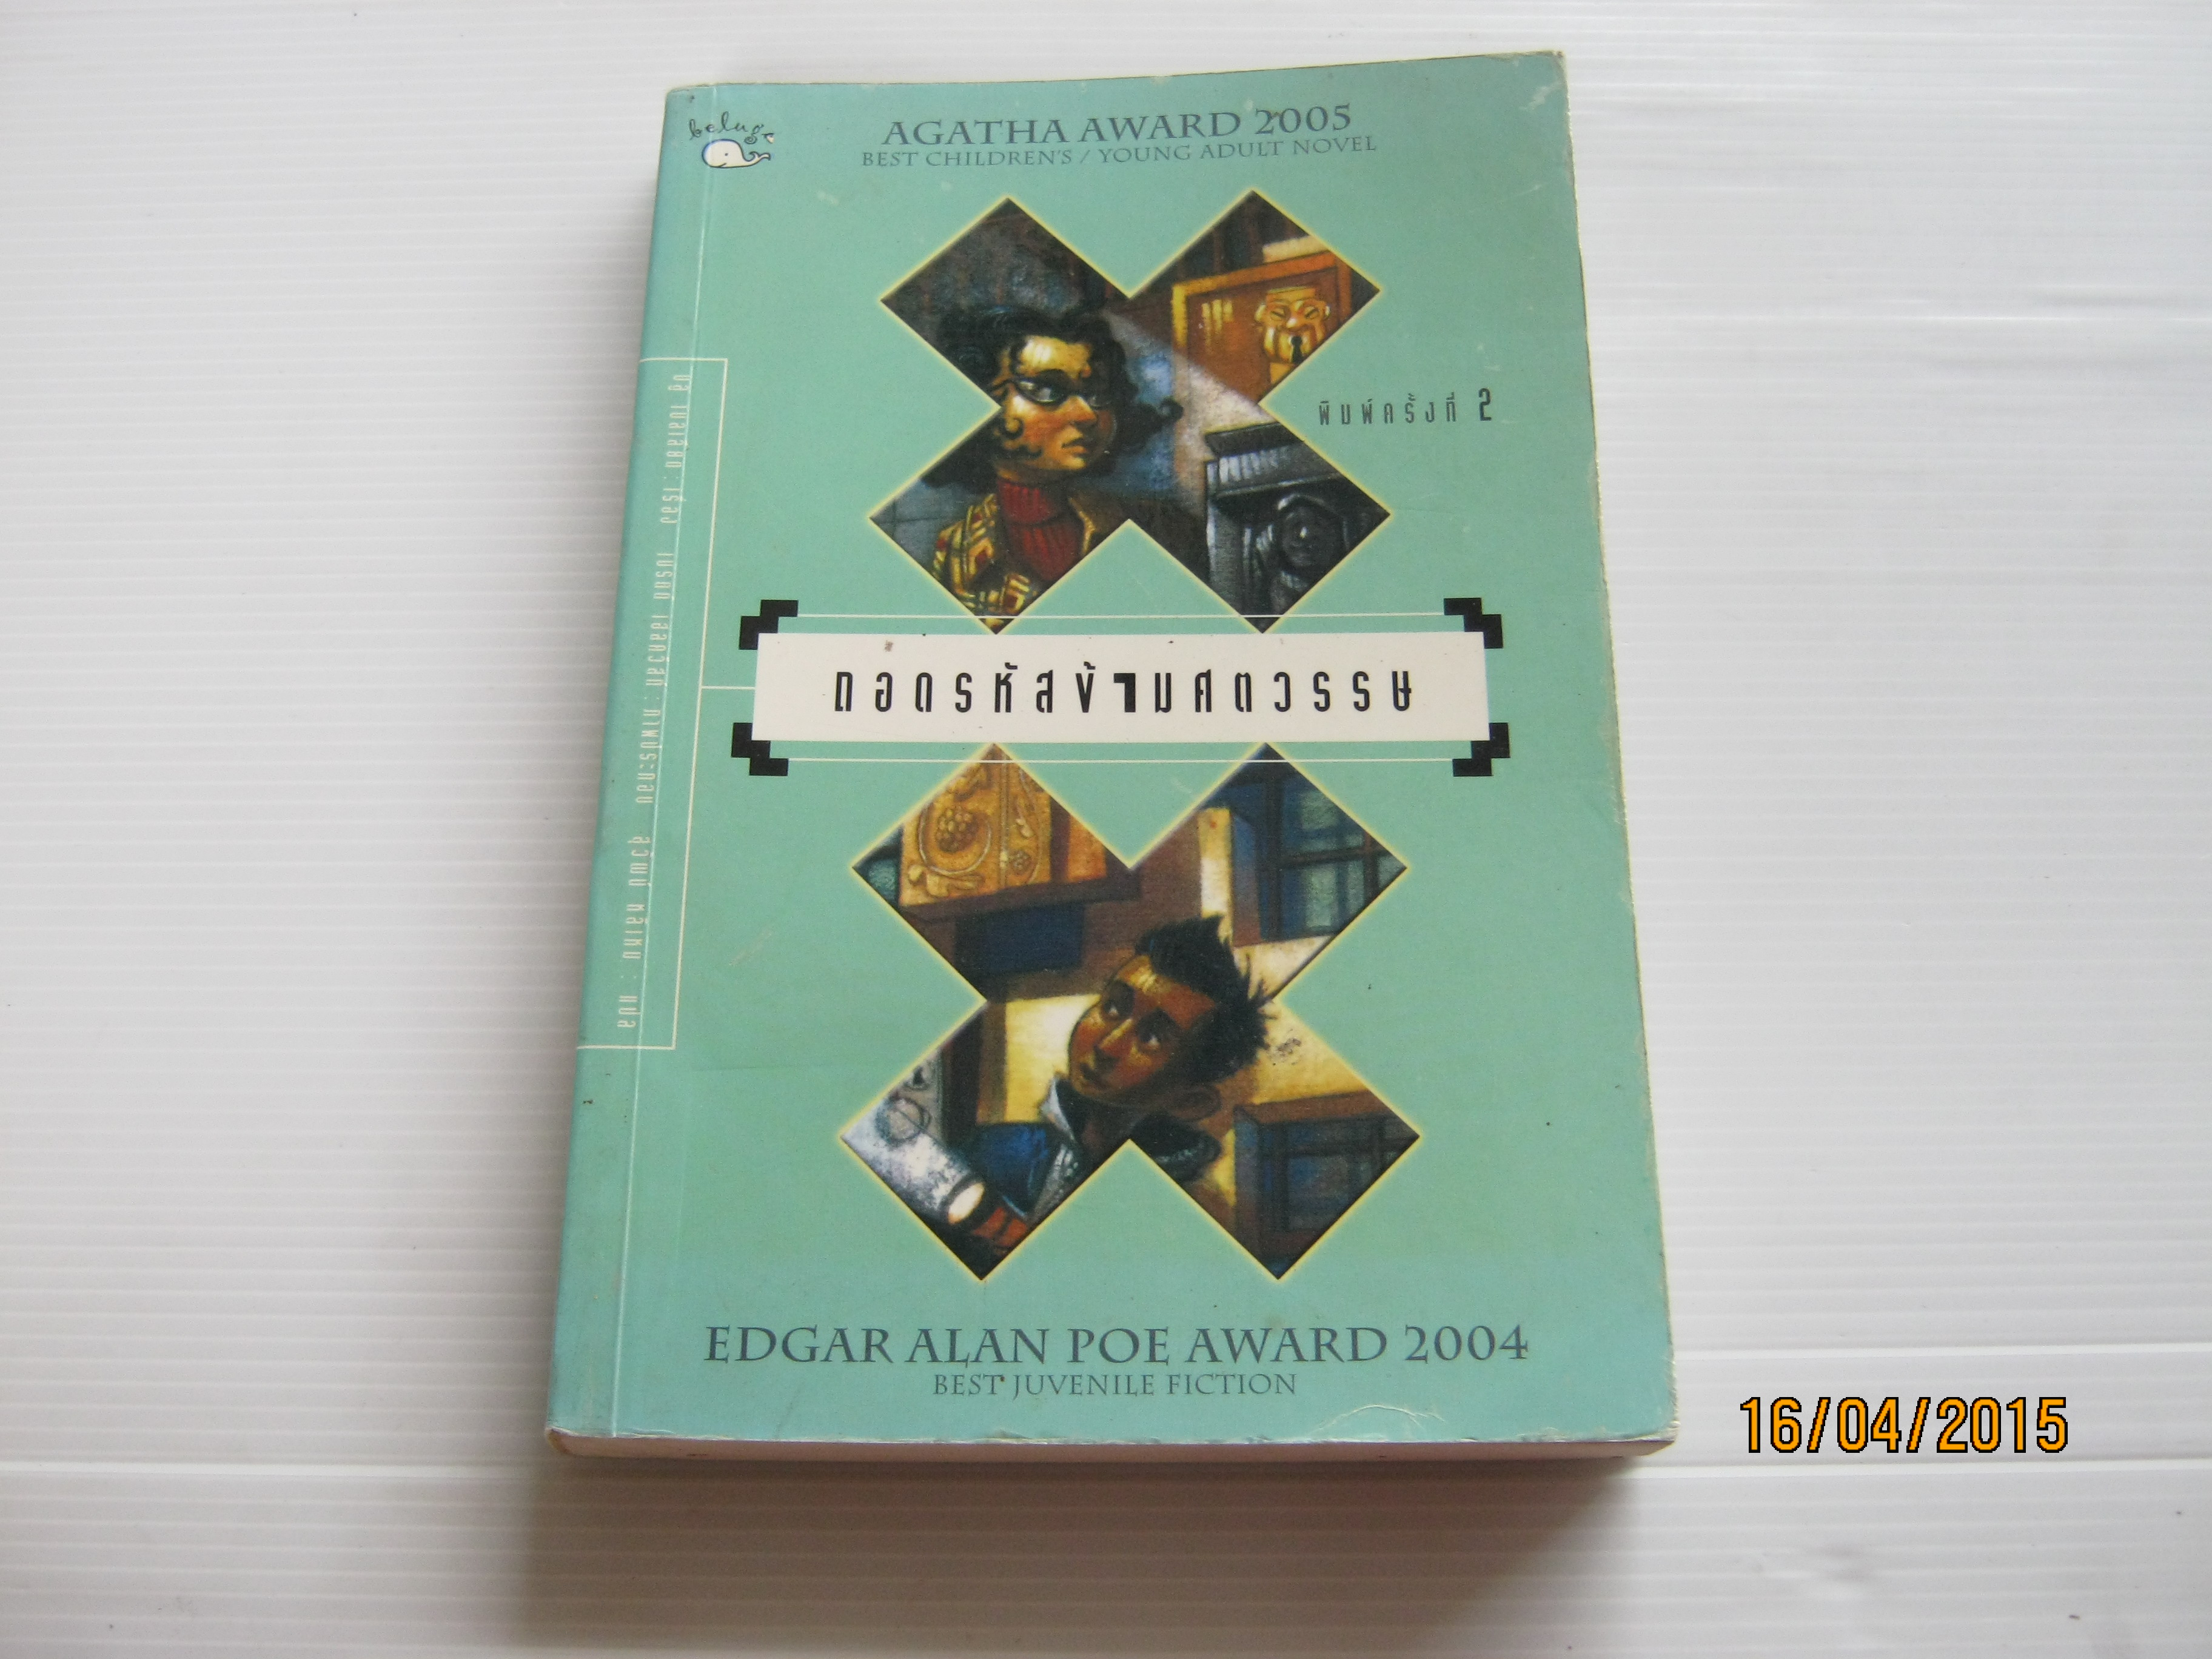 ถอดรหัสข้ามศตวรรษ (Chasing Vermeer) บลู เบลเลียต เรื่อง เบรตต์ เฮลควิสท์ ภาพประกอบ สุวัฒน์ หลีเหม แปล